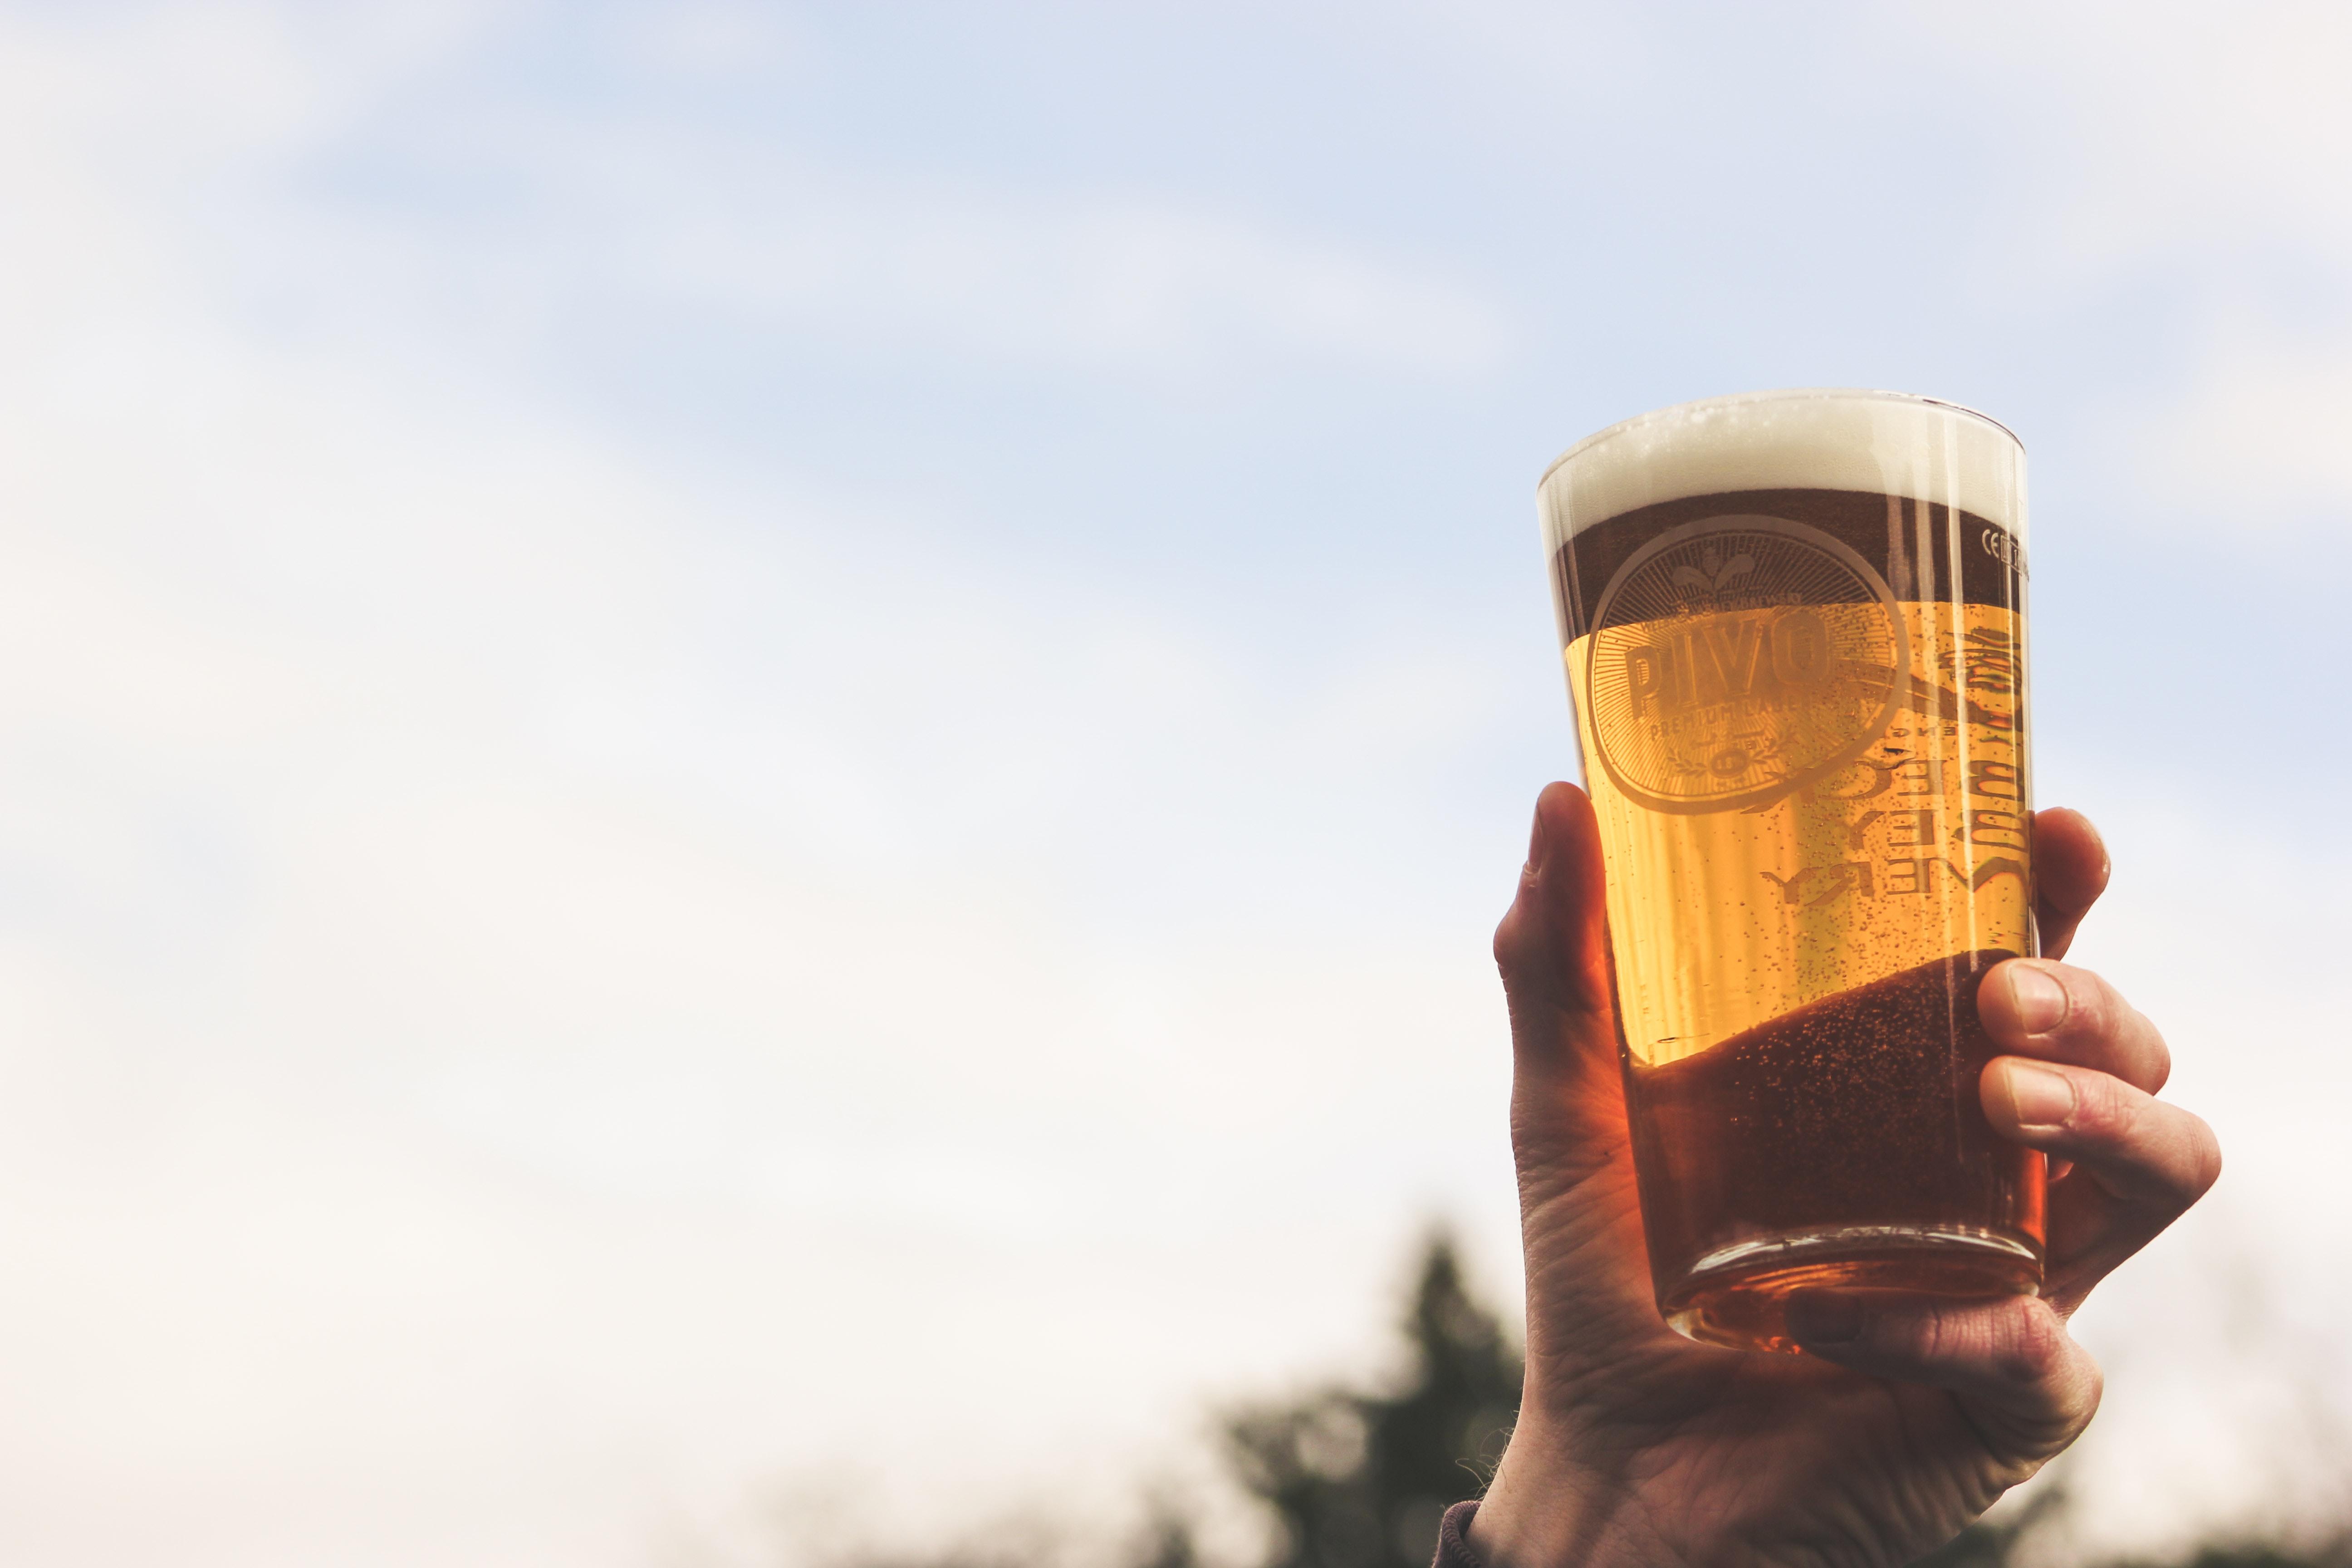 イメージ写真:ビールを持つ男性の手